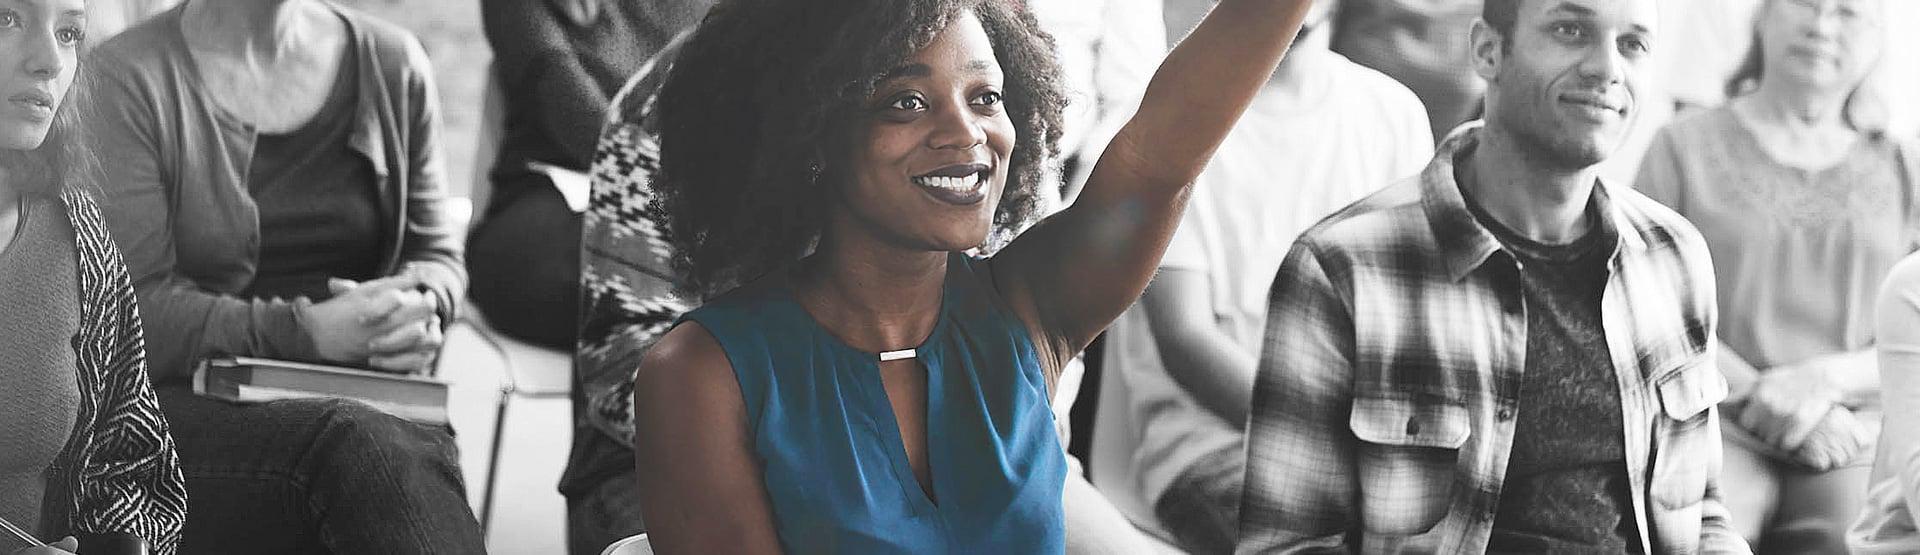 SOZA XPERT verzorgt trainingen en cursussen binnen het sociaal domein. denk aan een cursus voorliggende voorzieningen of een handhavingstraining